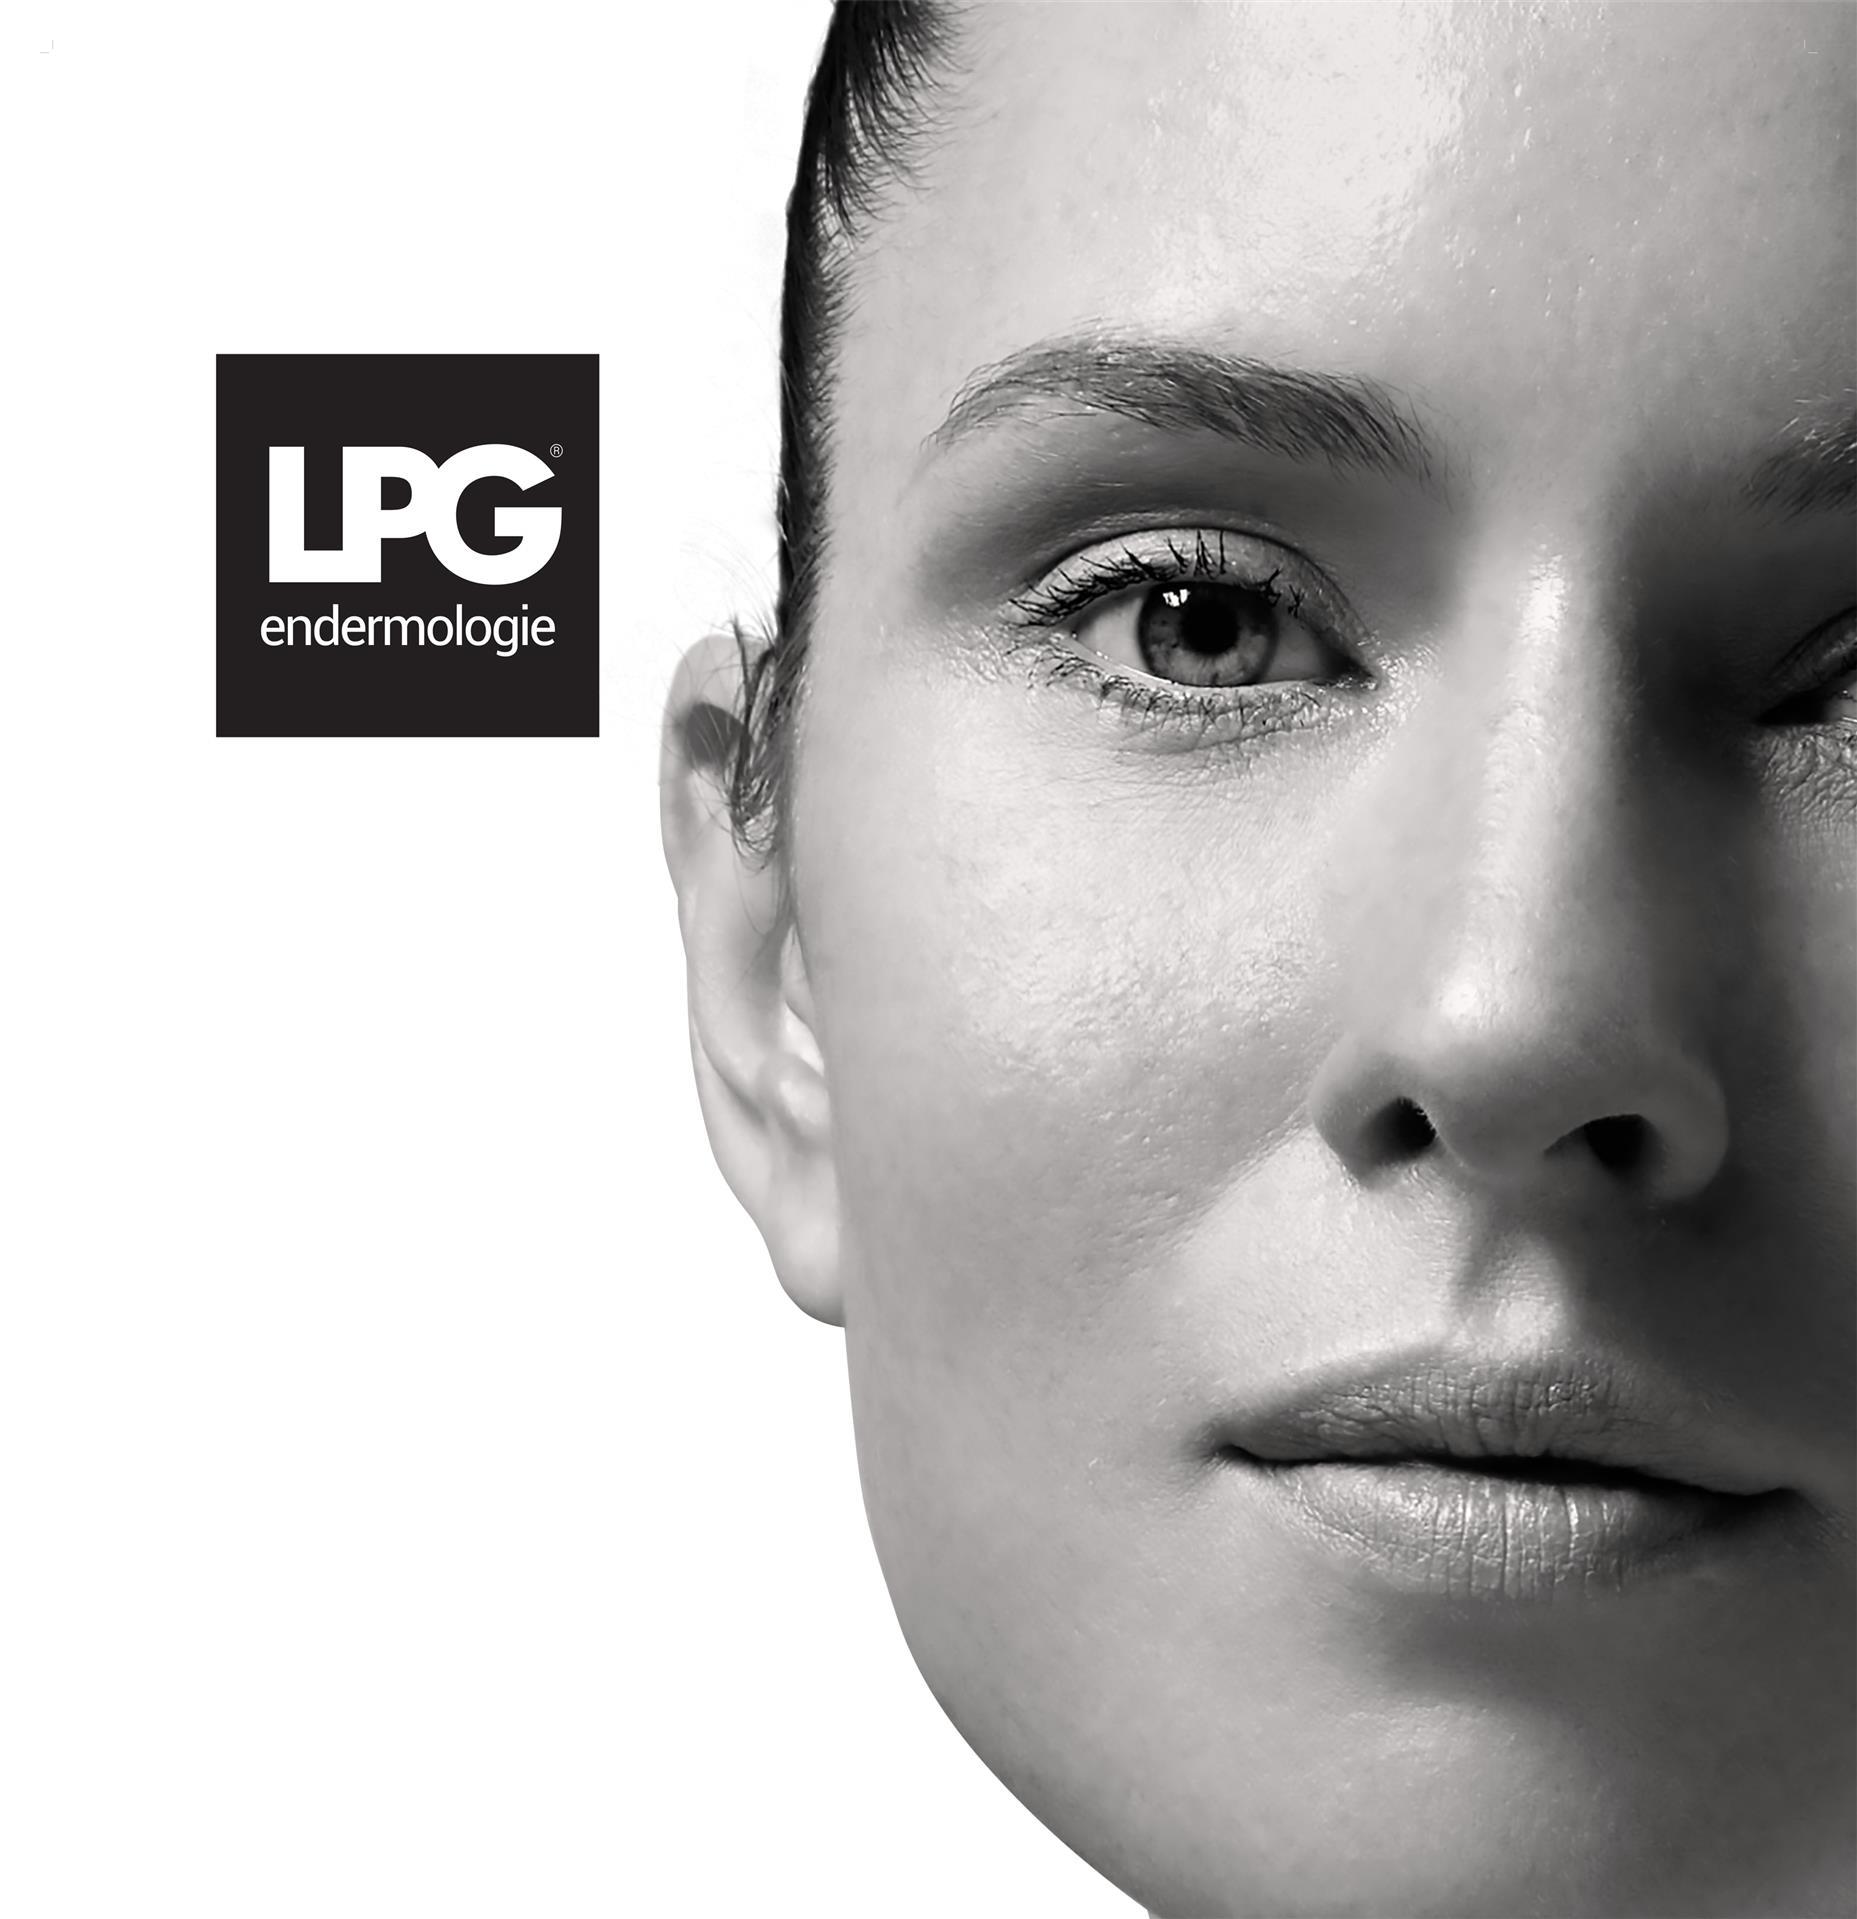 LPG-odpravljanje-podočnjakov[1]